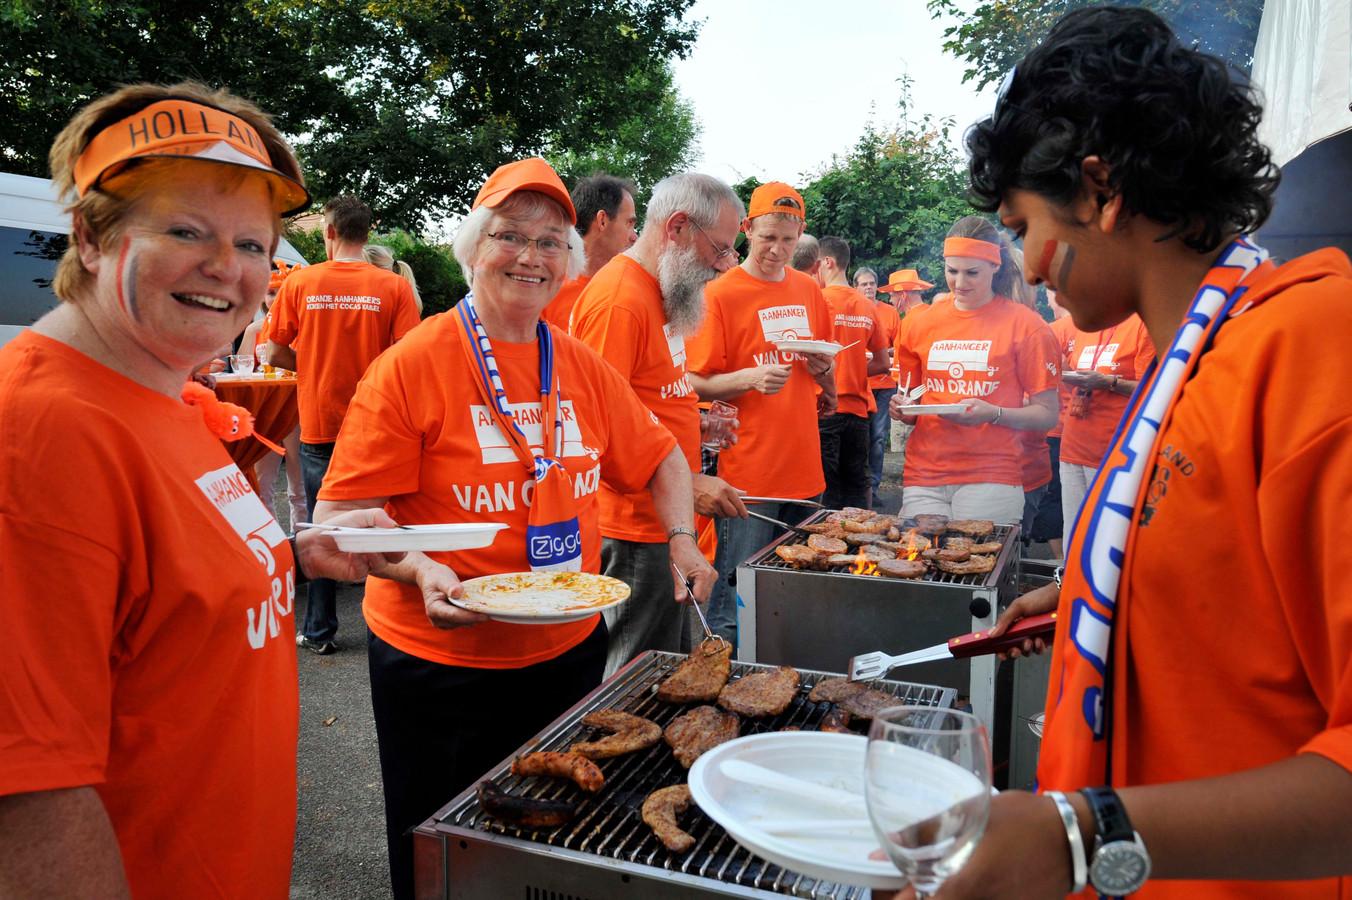 Barbecueën voor aanvang van Nederland - Oostenrijk zit er wel in, maar of het droog blijft tijdens de wedstrijd is nog onzeker.  Ter info: deze foto is voor de coronapandemie genomen.